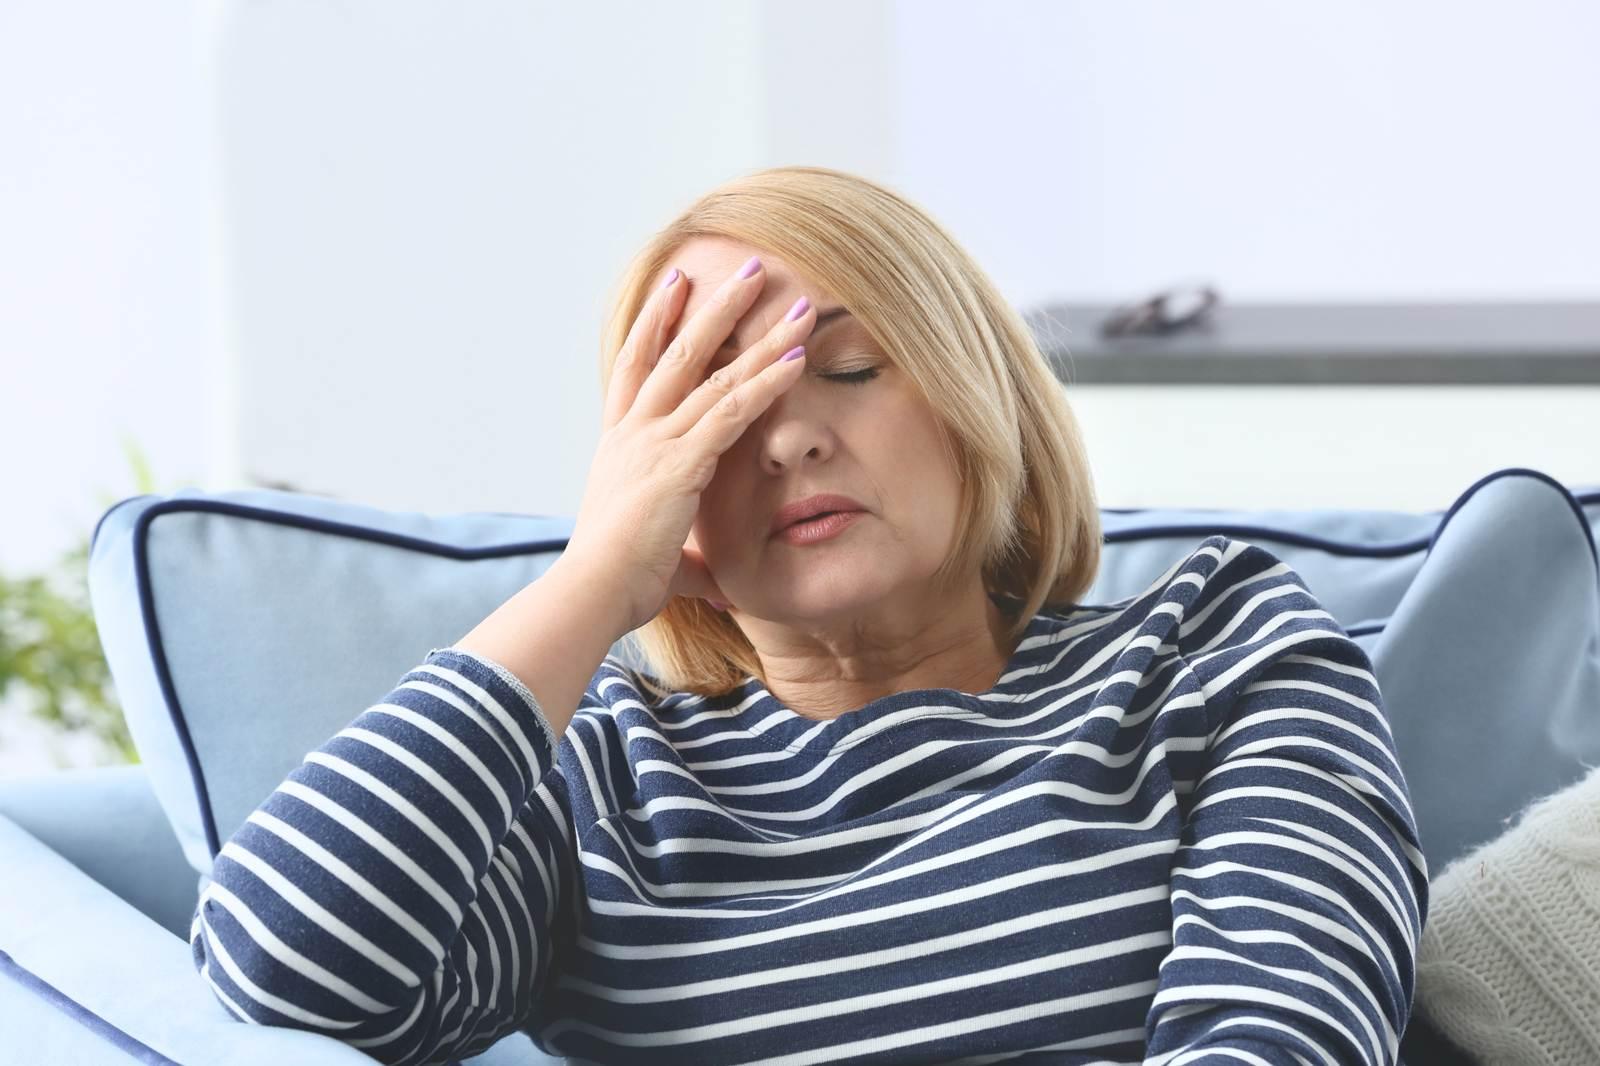 depressione e stress in menopausa